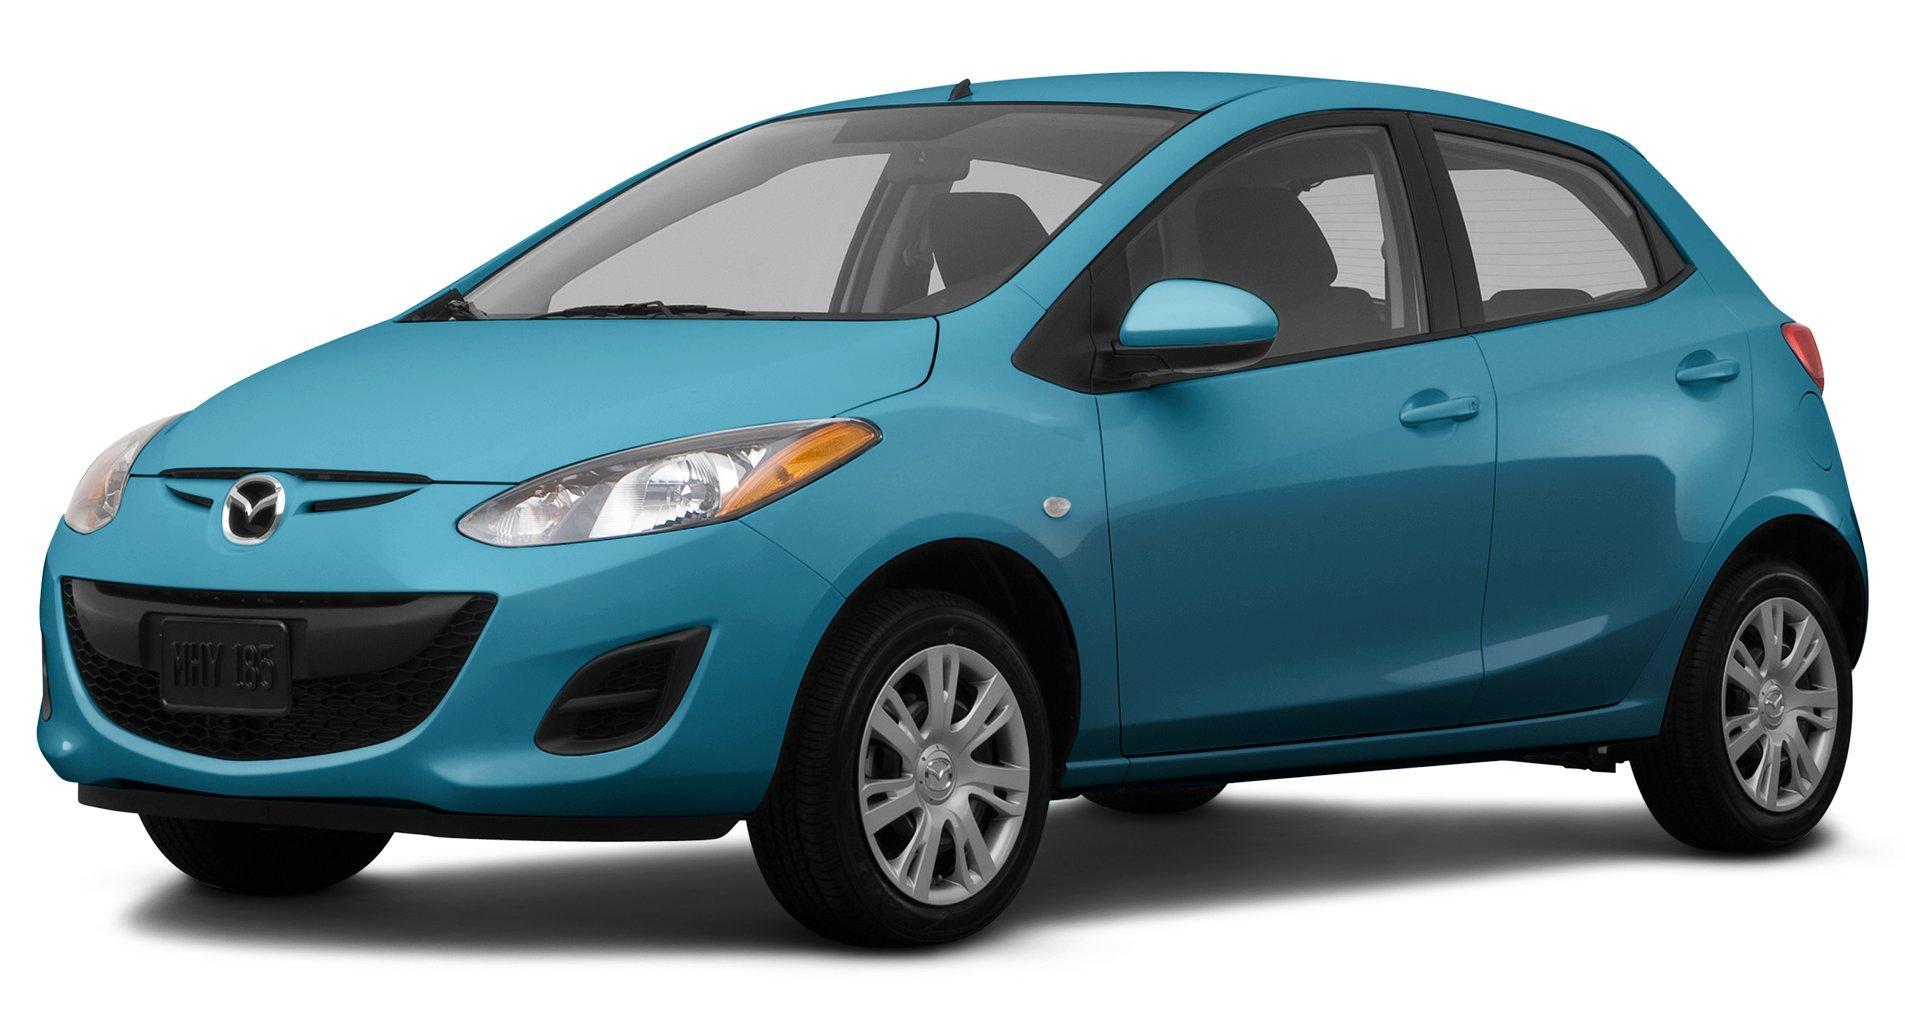 2012 Mazda 2 Sport, 4 Door Hatchback Automatic Transmission ...